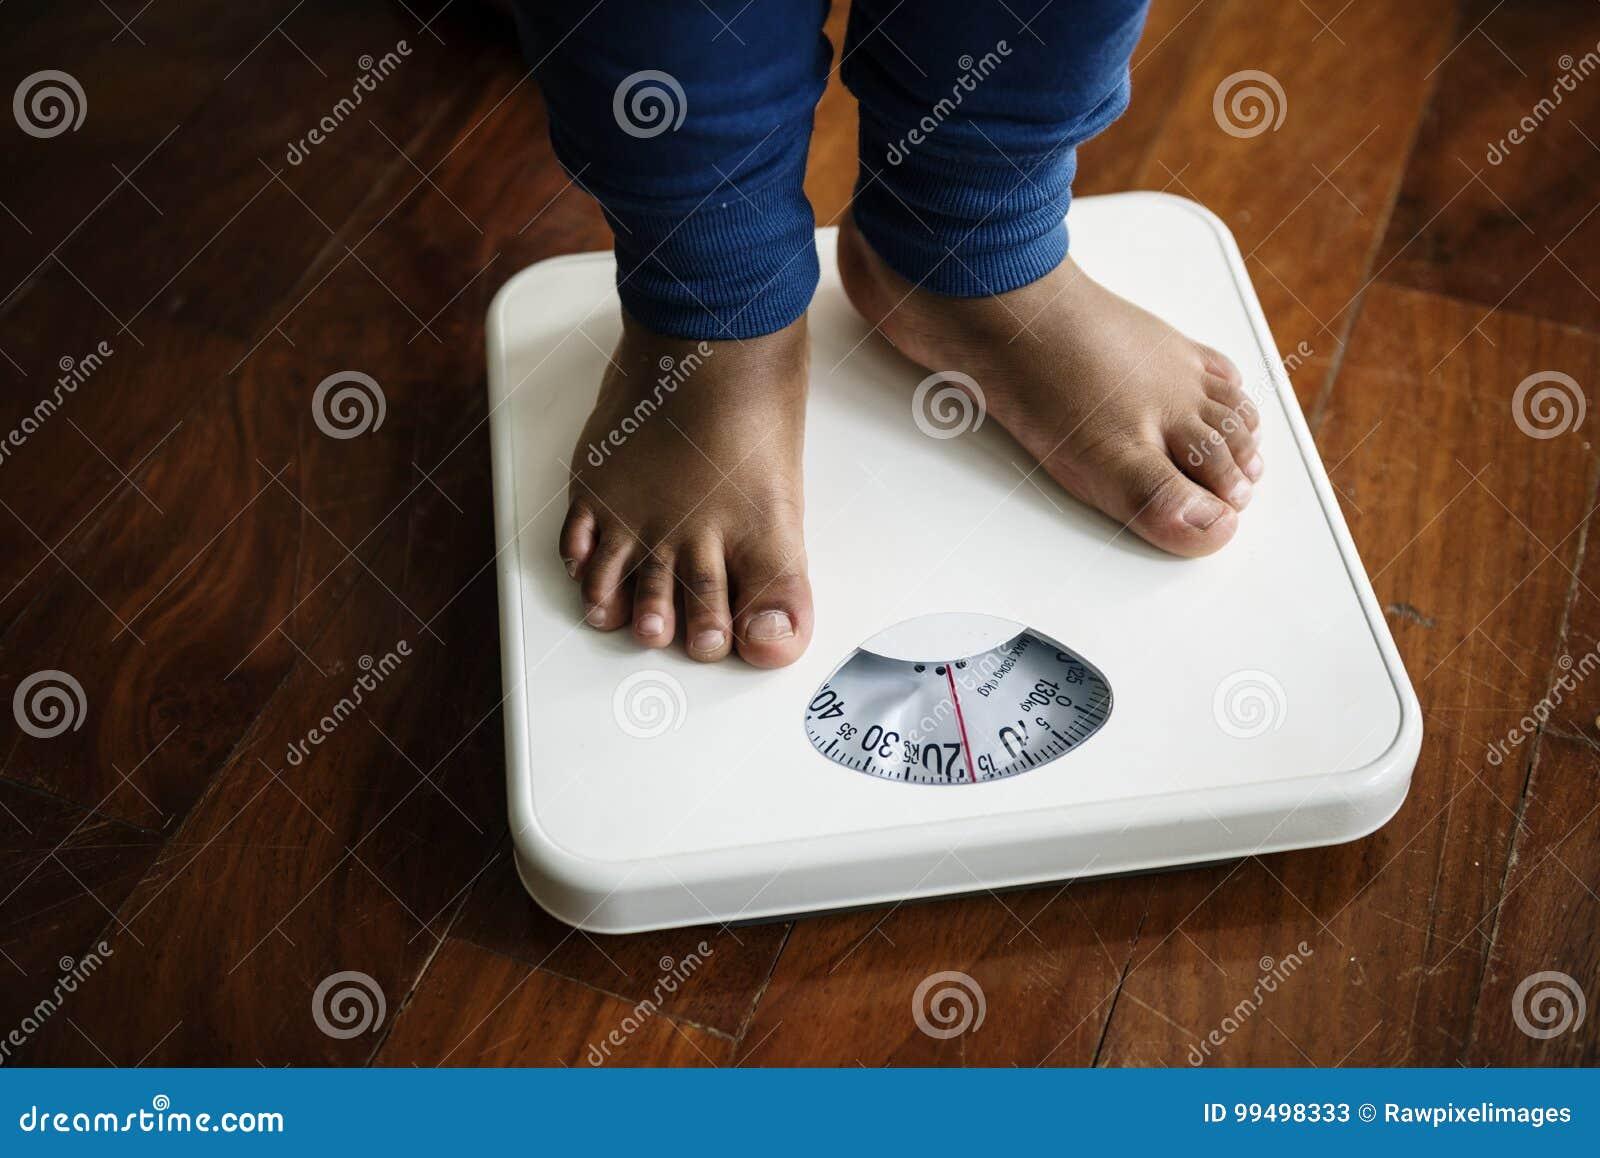 Zbliżenie para mierzy na ważenie skala noga